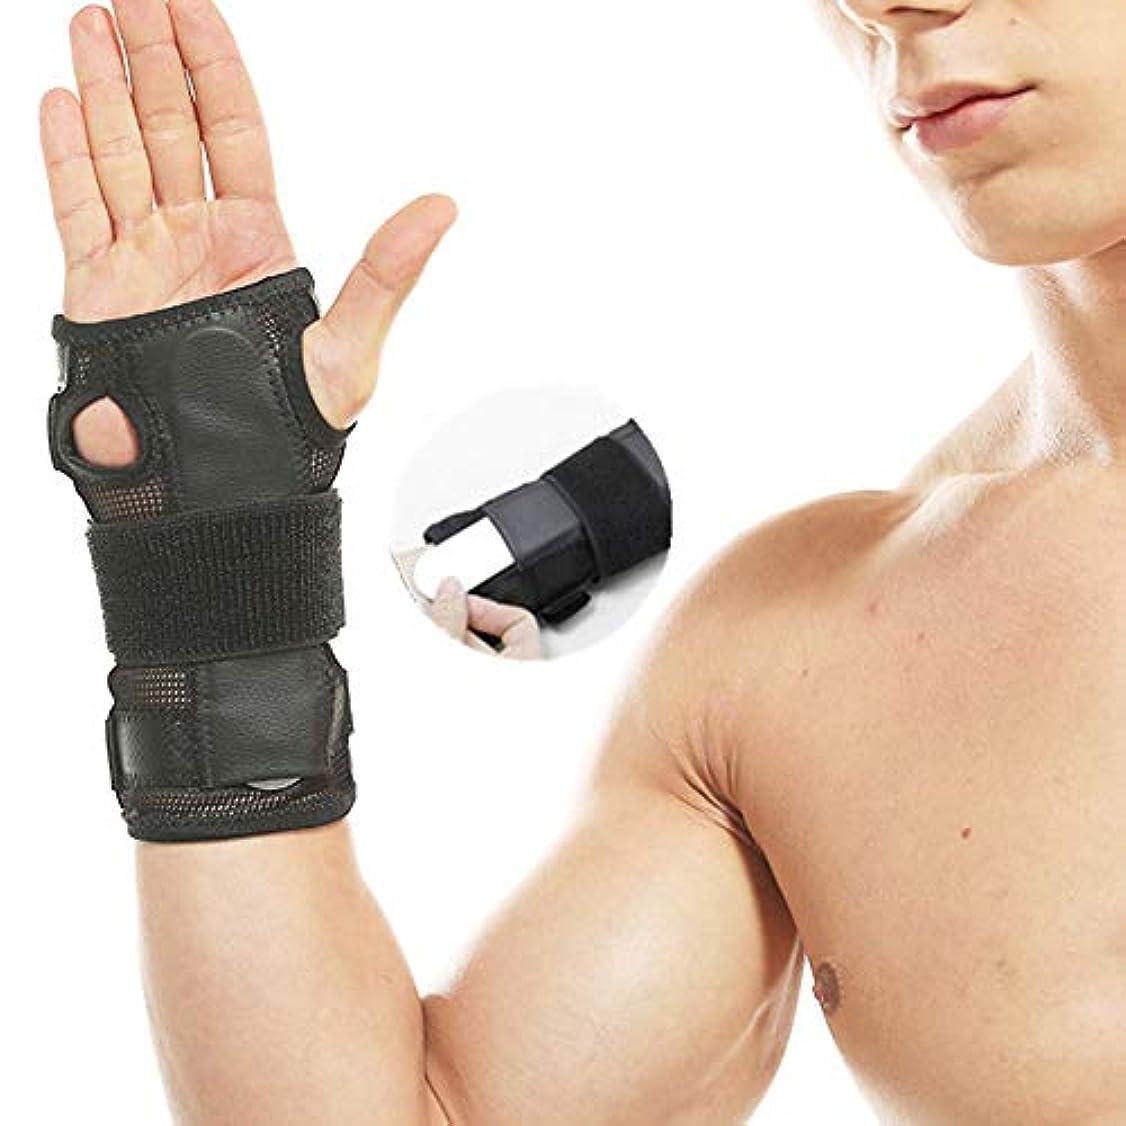 地中海解決する分配しますハンドリストバンドリストバンド鉄骨ブレース手首手首サポートスプリント骨折手根管スポーツ捻挫を調整します